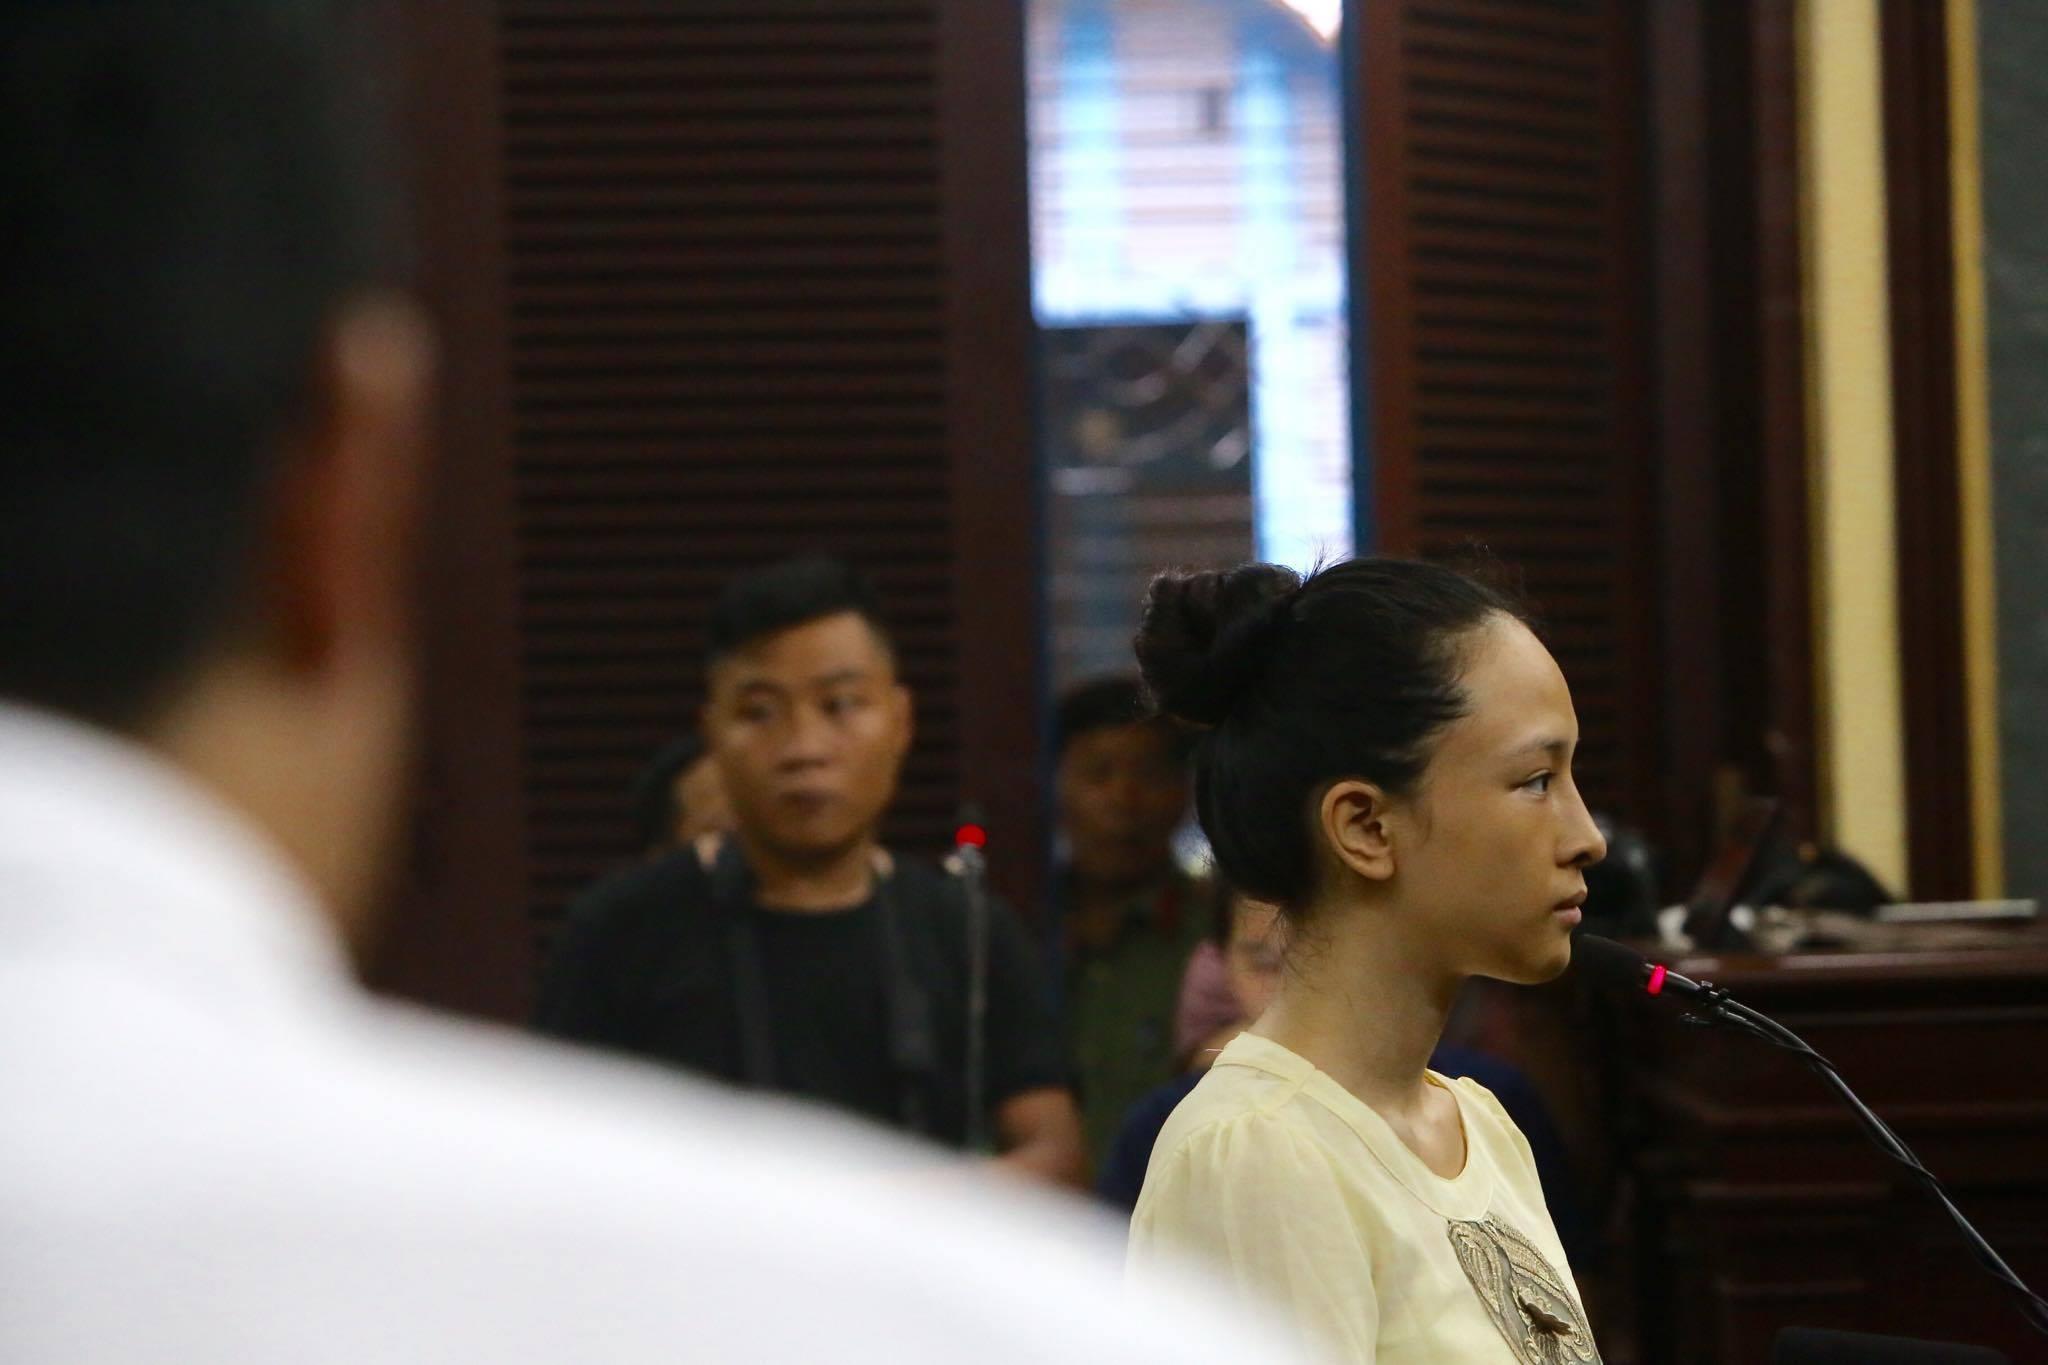 Trương Hồ Phương Nga, Cao Toàn Mỹ, hợp đồng tình ái, Mai Phương, Phương Nga, hoa hậu phương nga